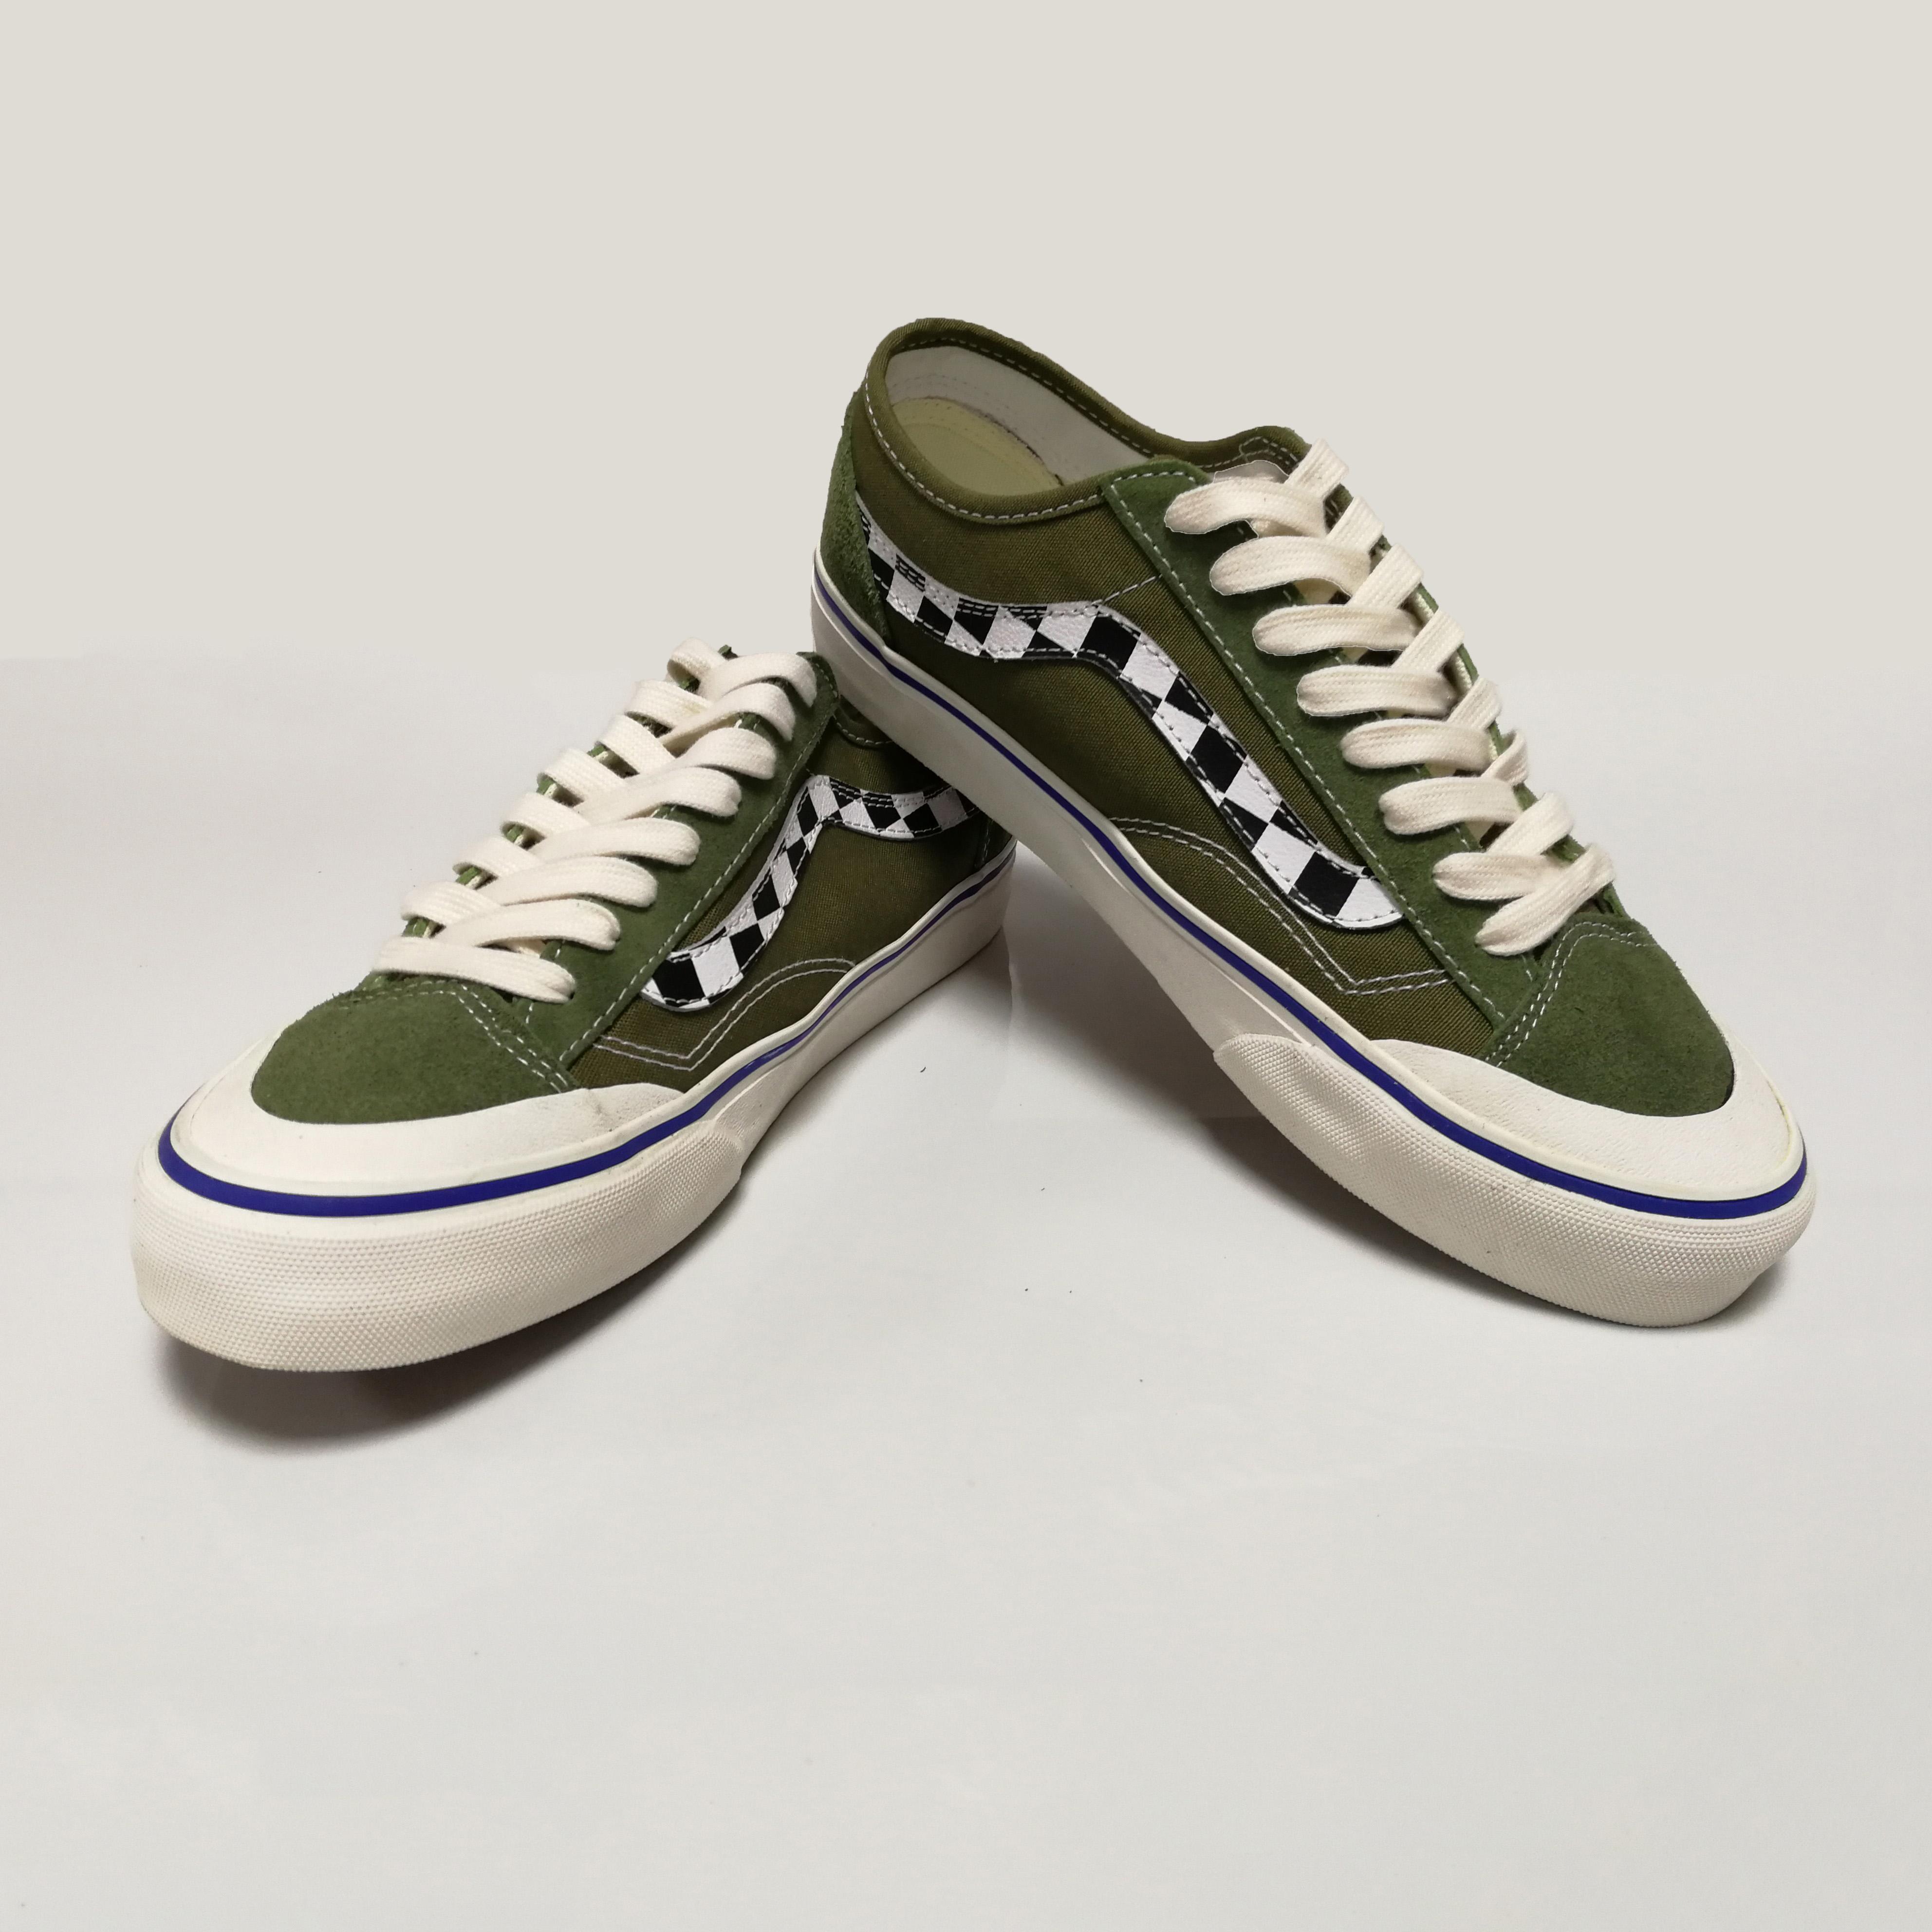 Rahat yeşil paten spor salonu ayakkabısı kaykay